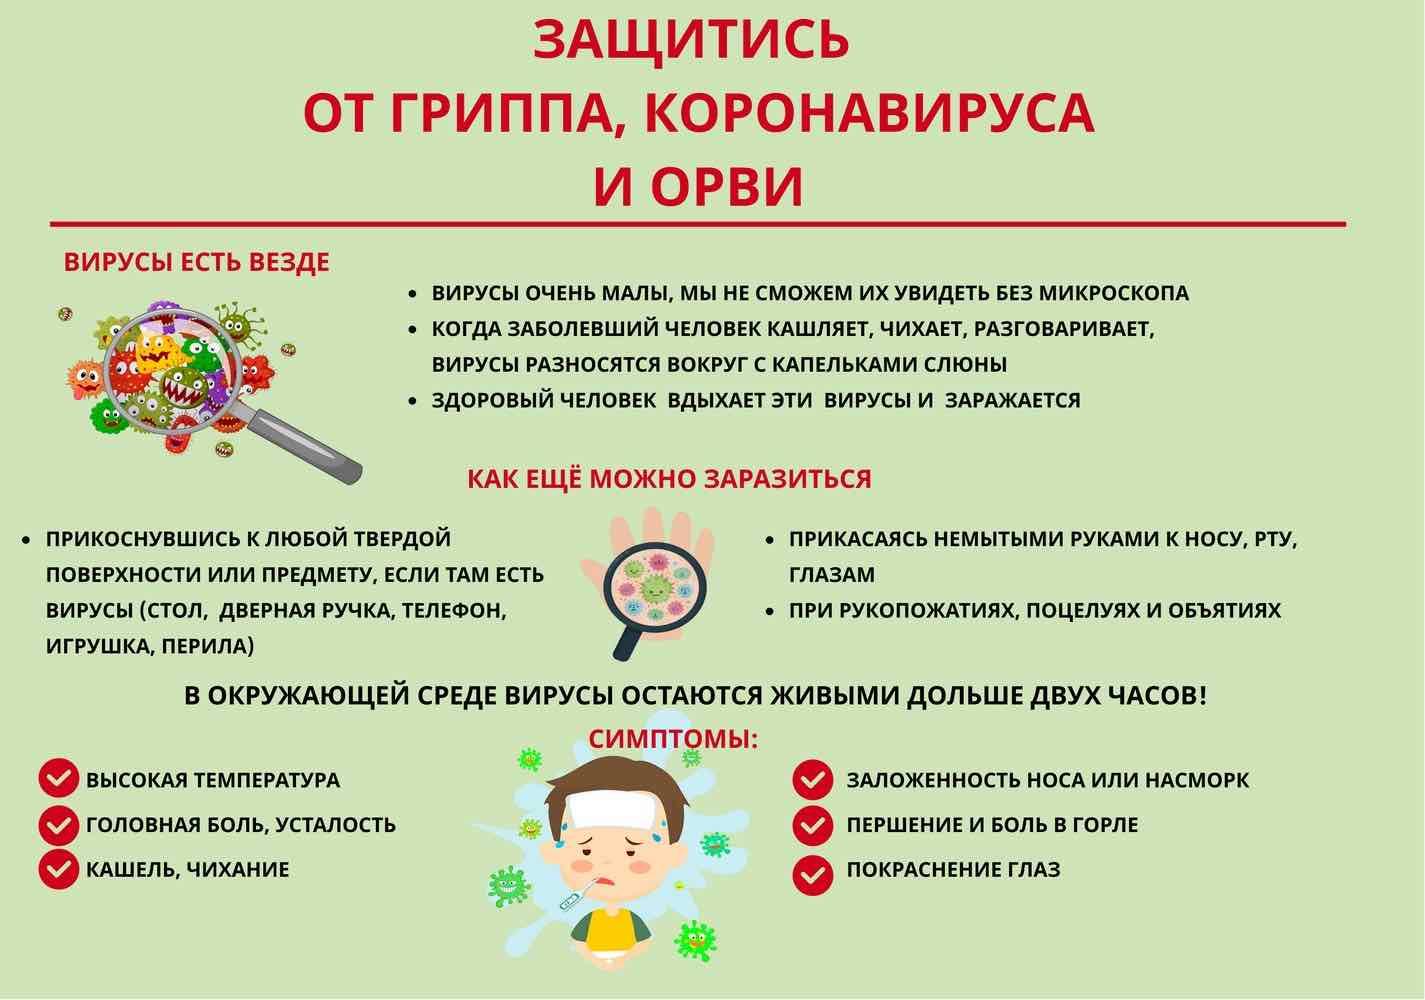 Ношение маски в Новосибирской области стало обязательным